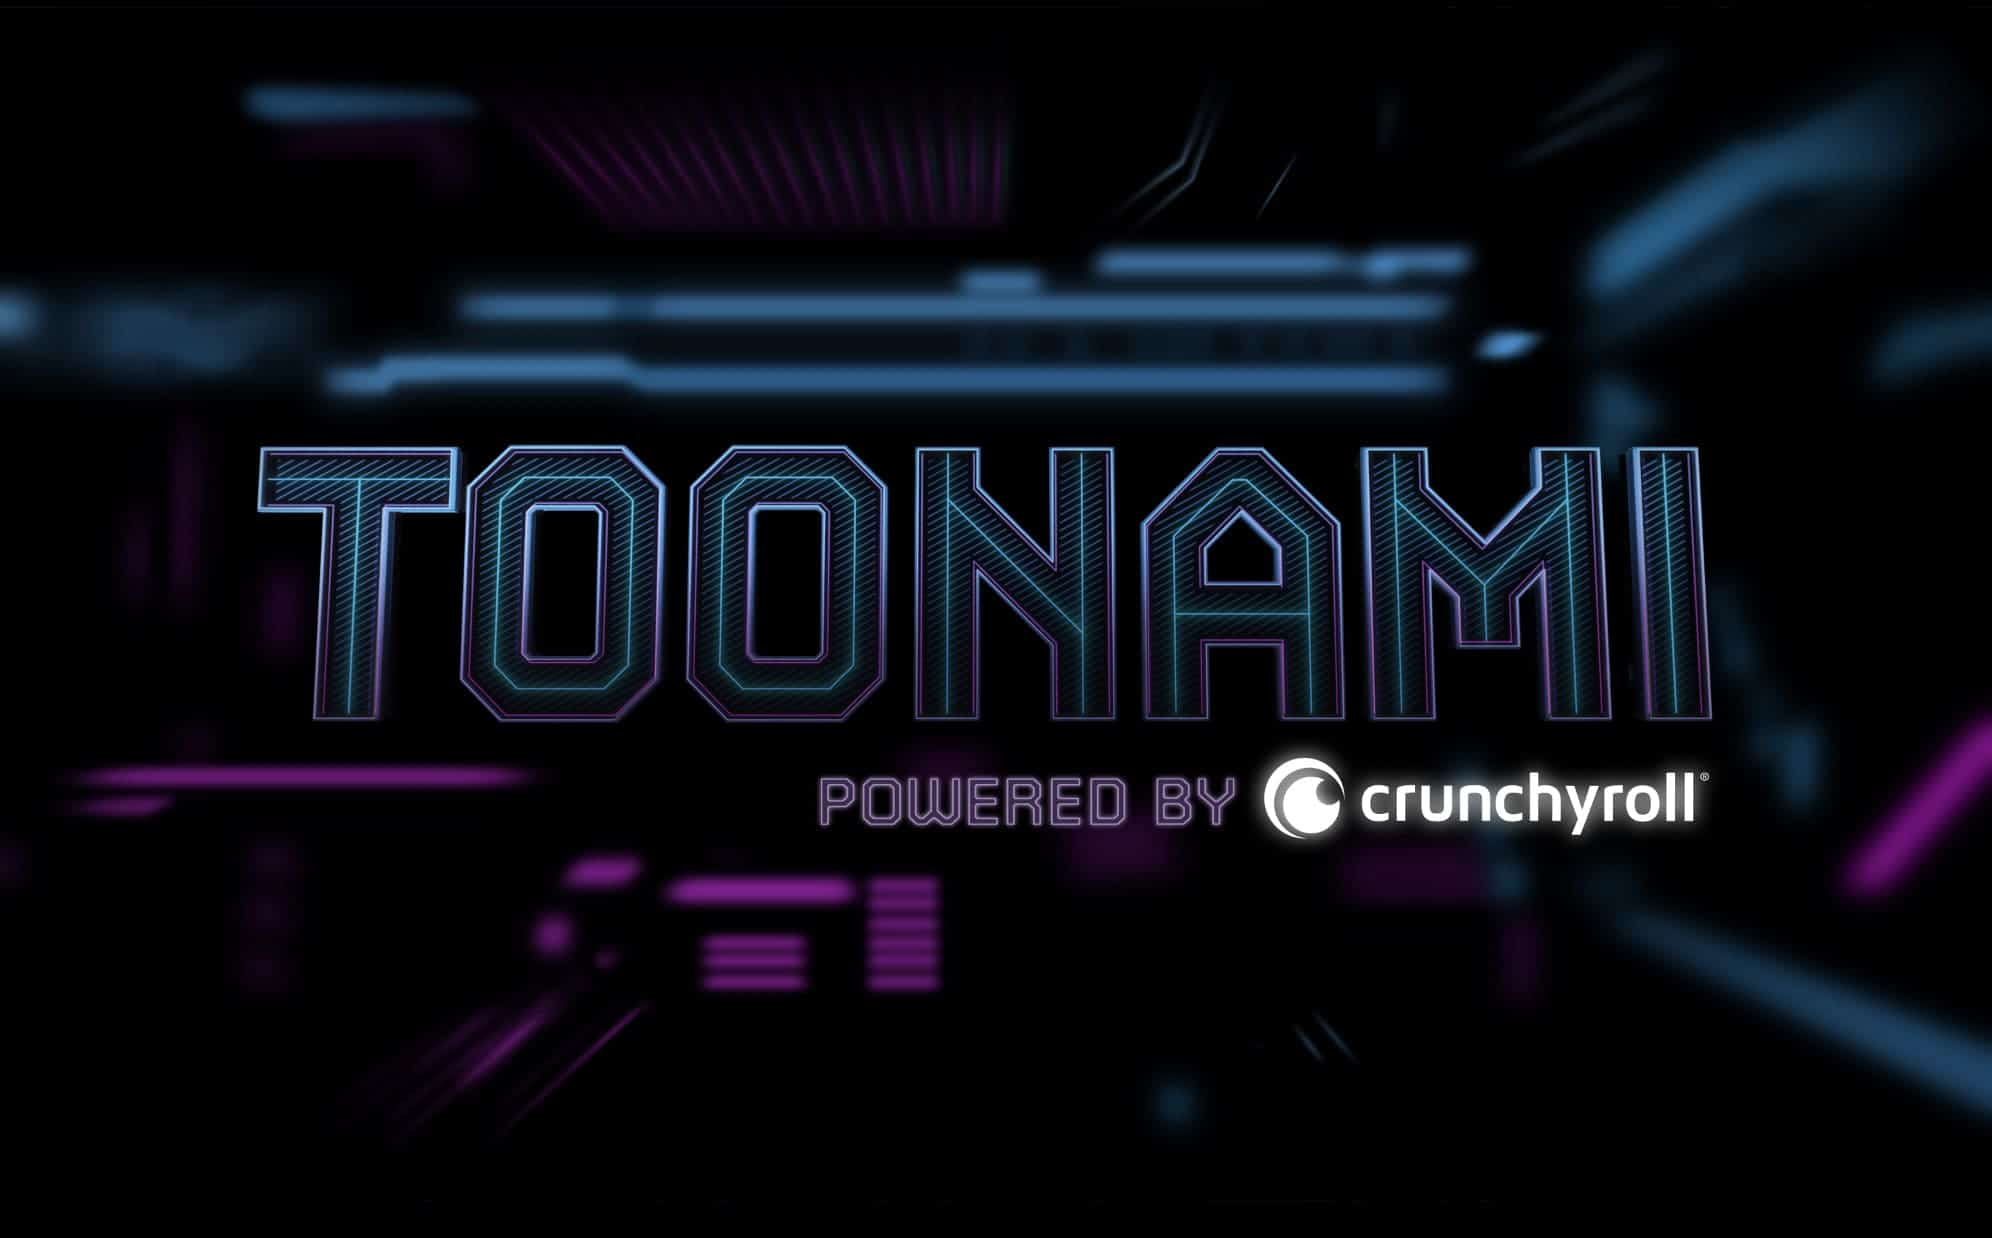 Em parceria com o Crunchyroll, Toonami retorna para o Cartoon Network em Agosto